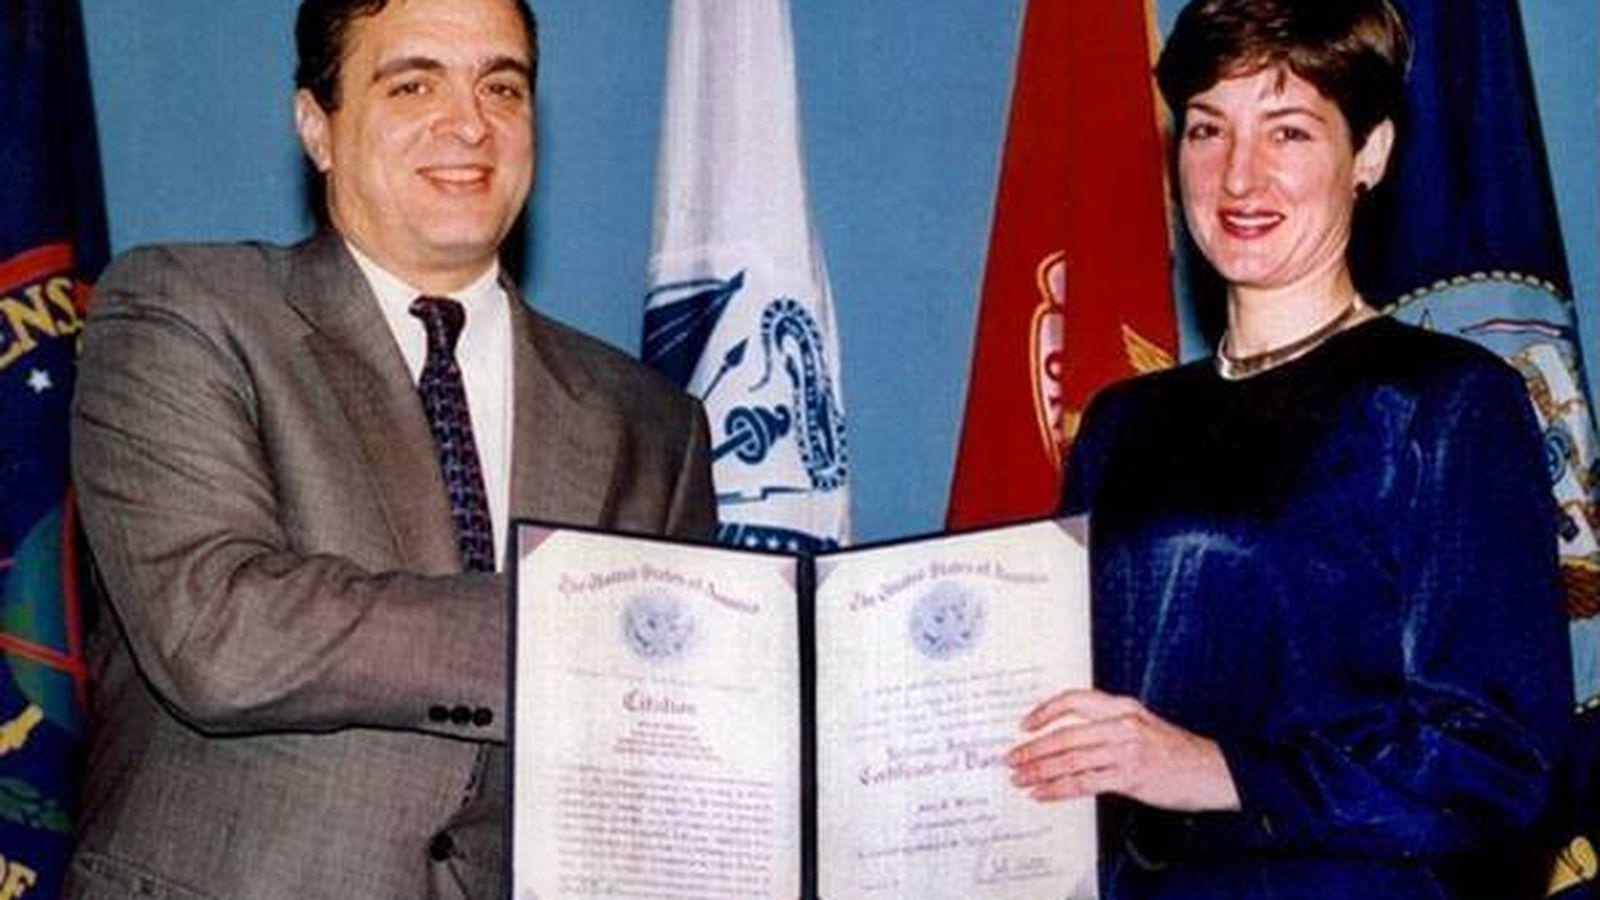 Foto: Ana Belén Montes recibe un galardón de manos del director de la CIA, George Tenet, en 1997 (Foto: Wikimedia Commons)